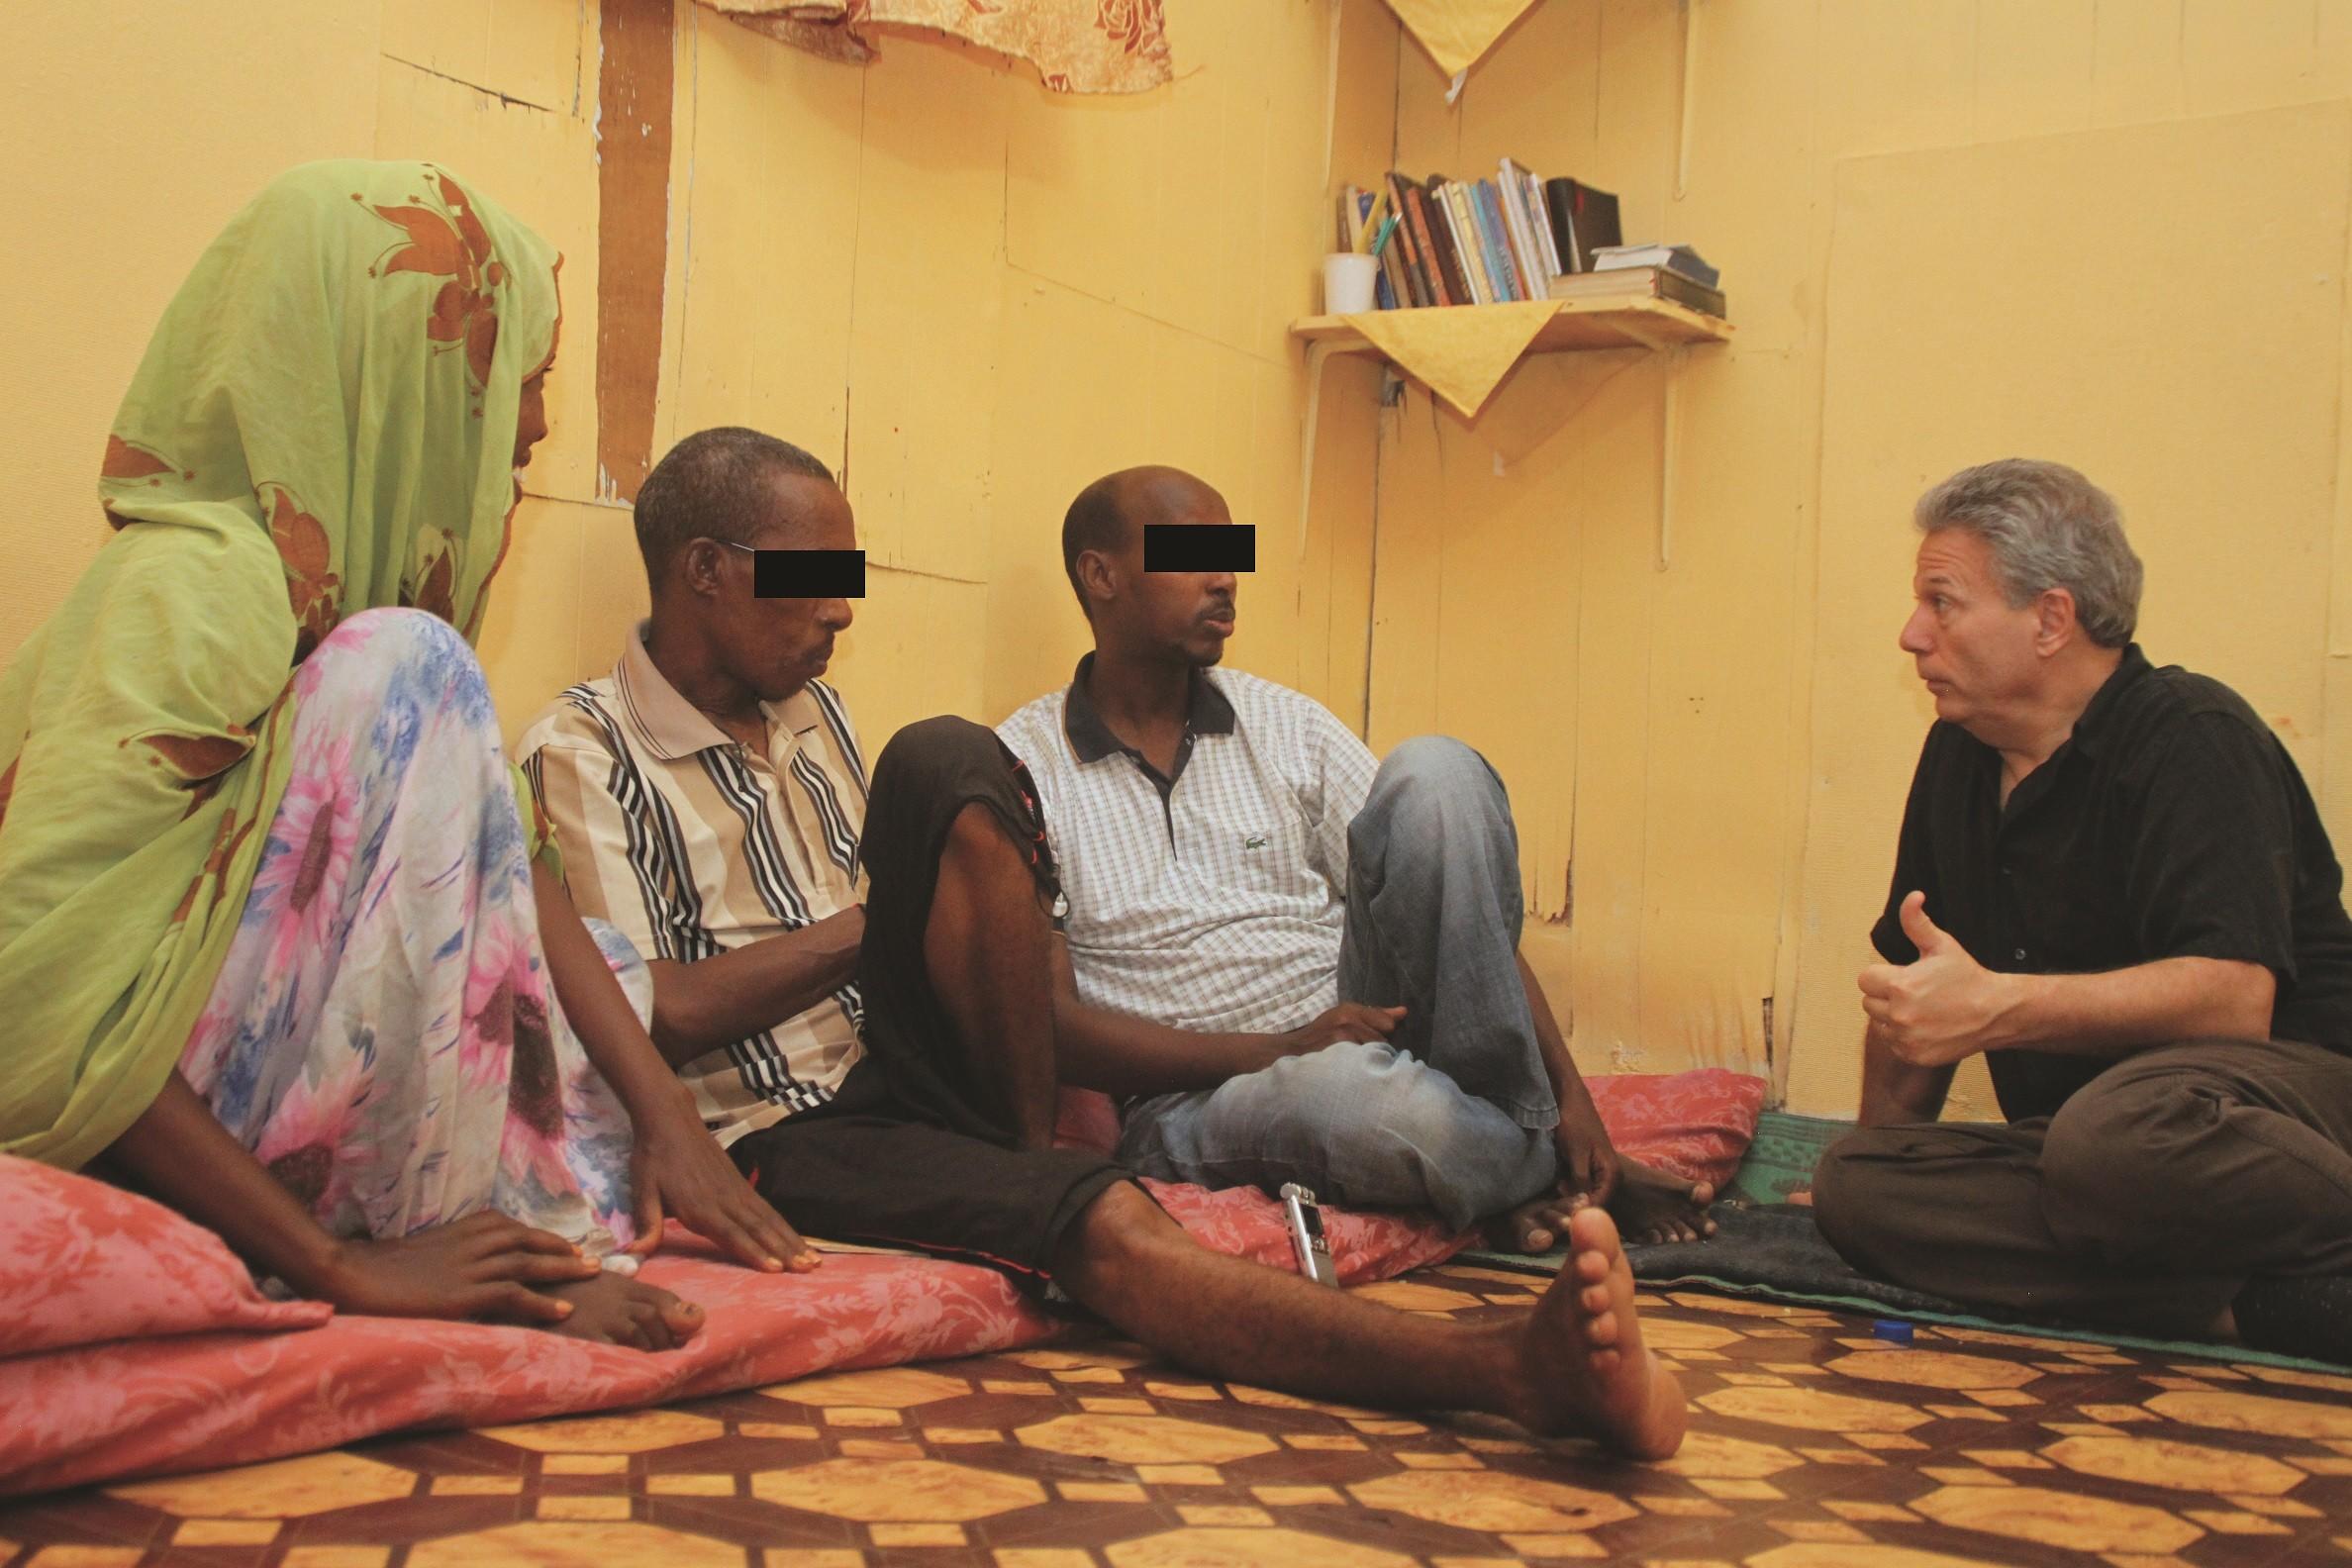 Marttyyrien Äänen työntekijä rohkaisee somalialaistaustaisia uskovia tukemassamme turvatalossa.